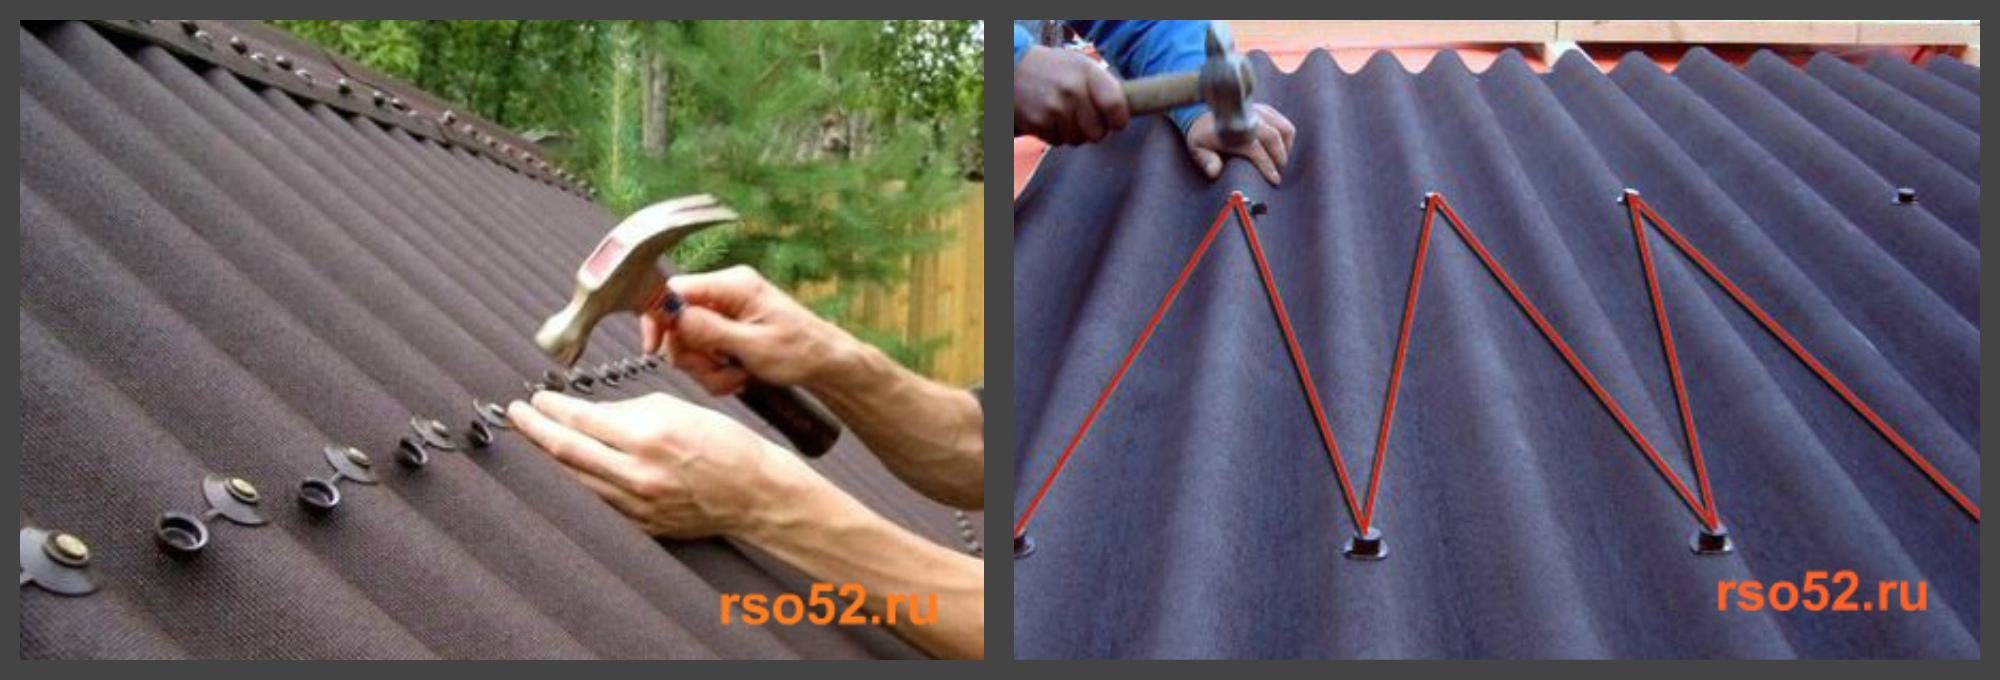 Как крепить оцинкованный конёк на шиферную крышу? - ответы 55